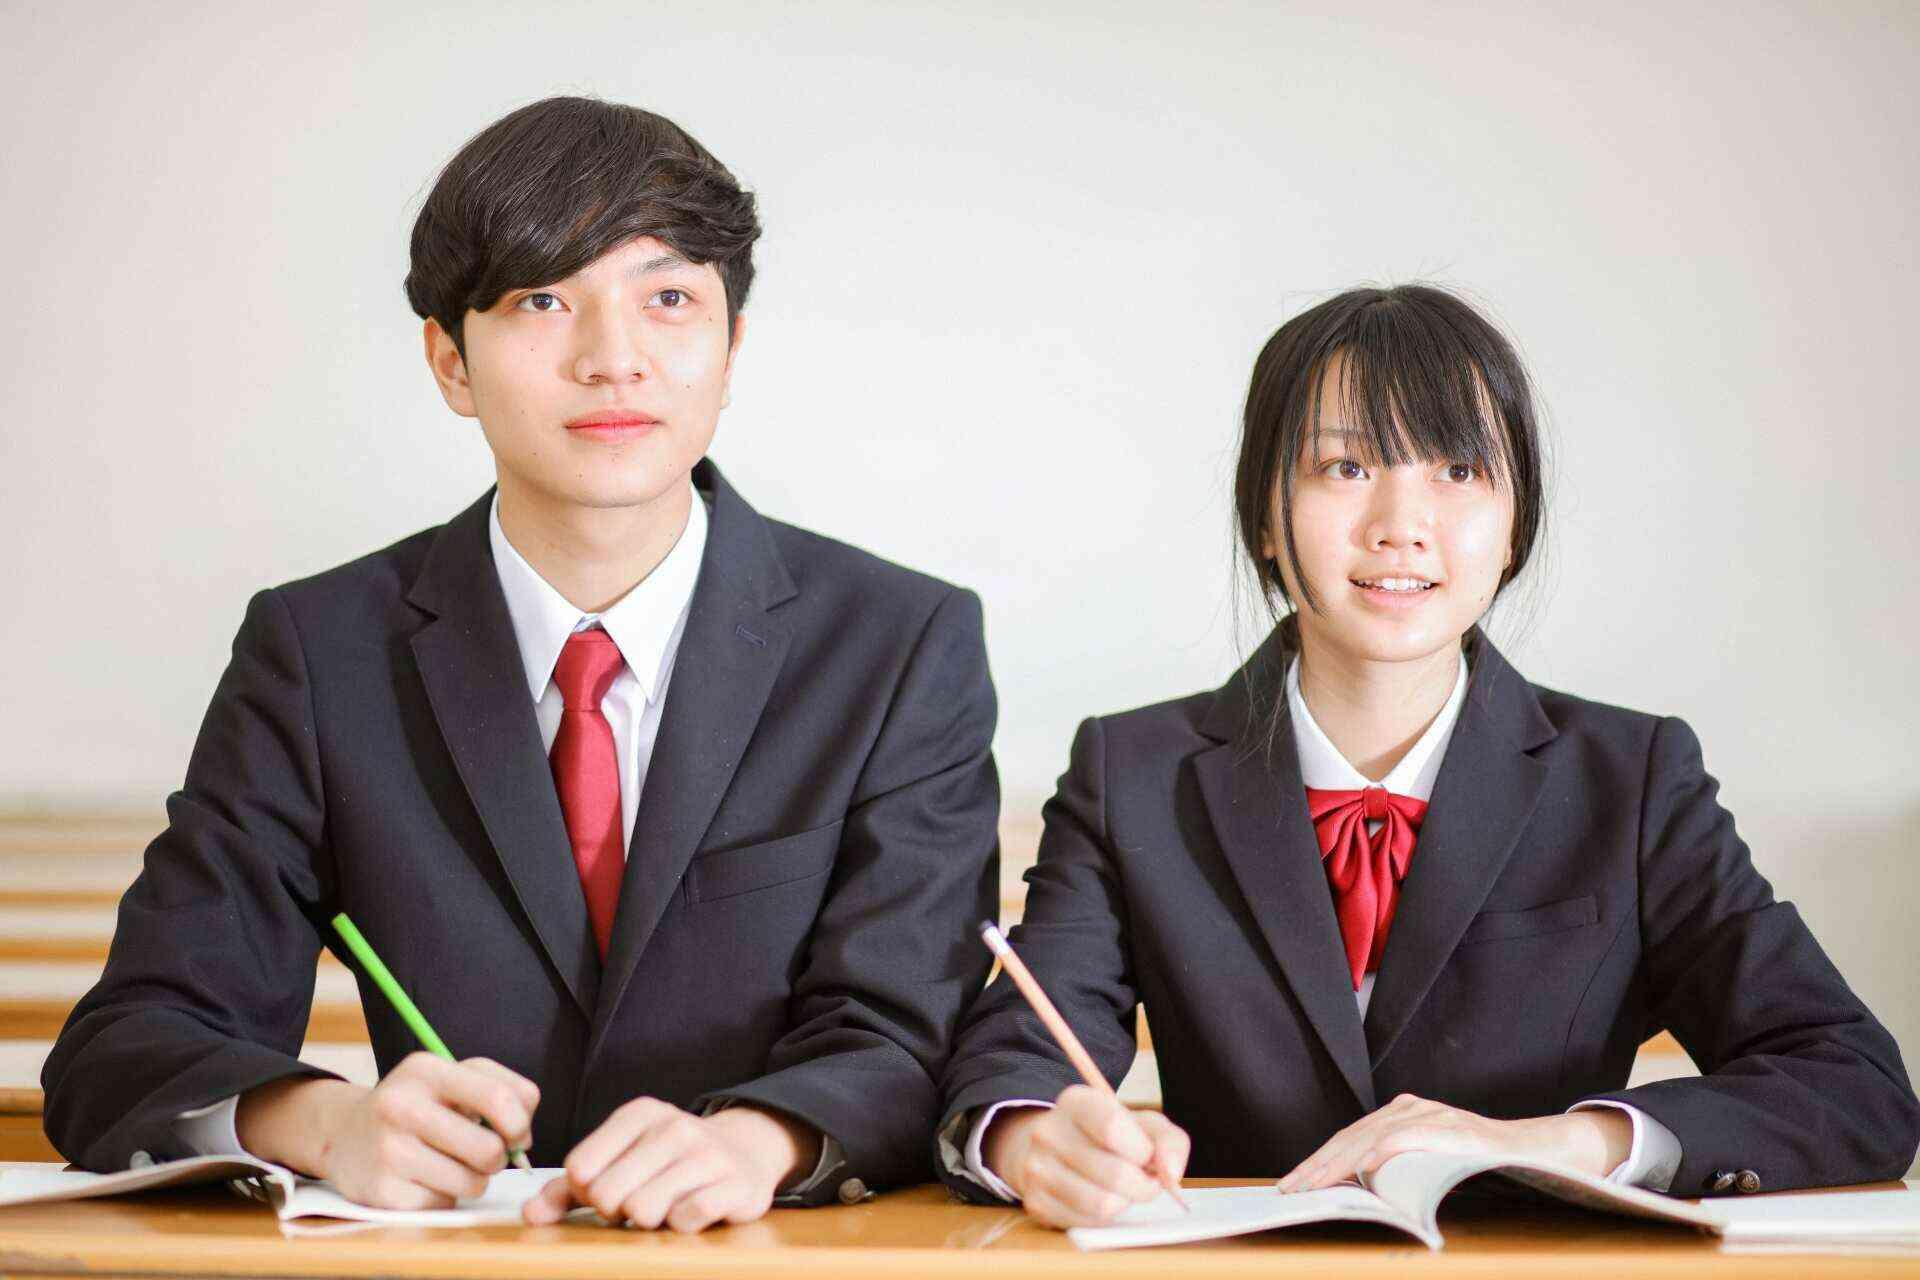 高卒採用について。ルールや求人方法、選考方法をチェック!